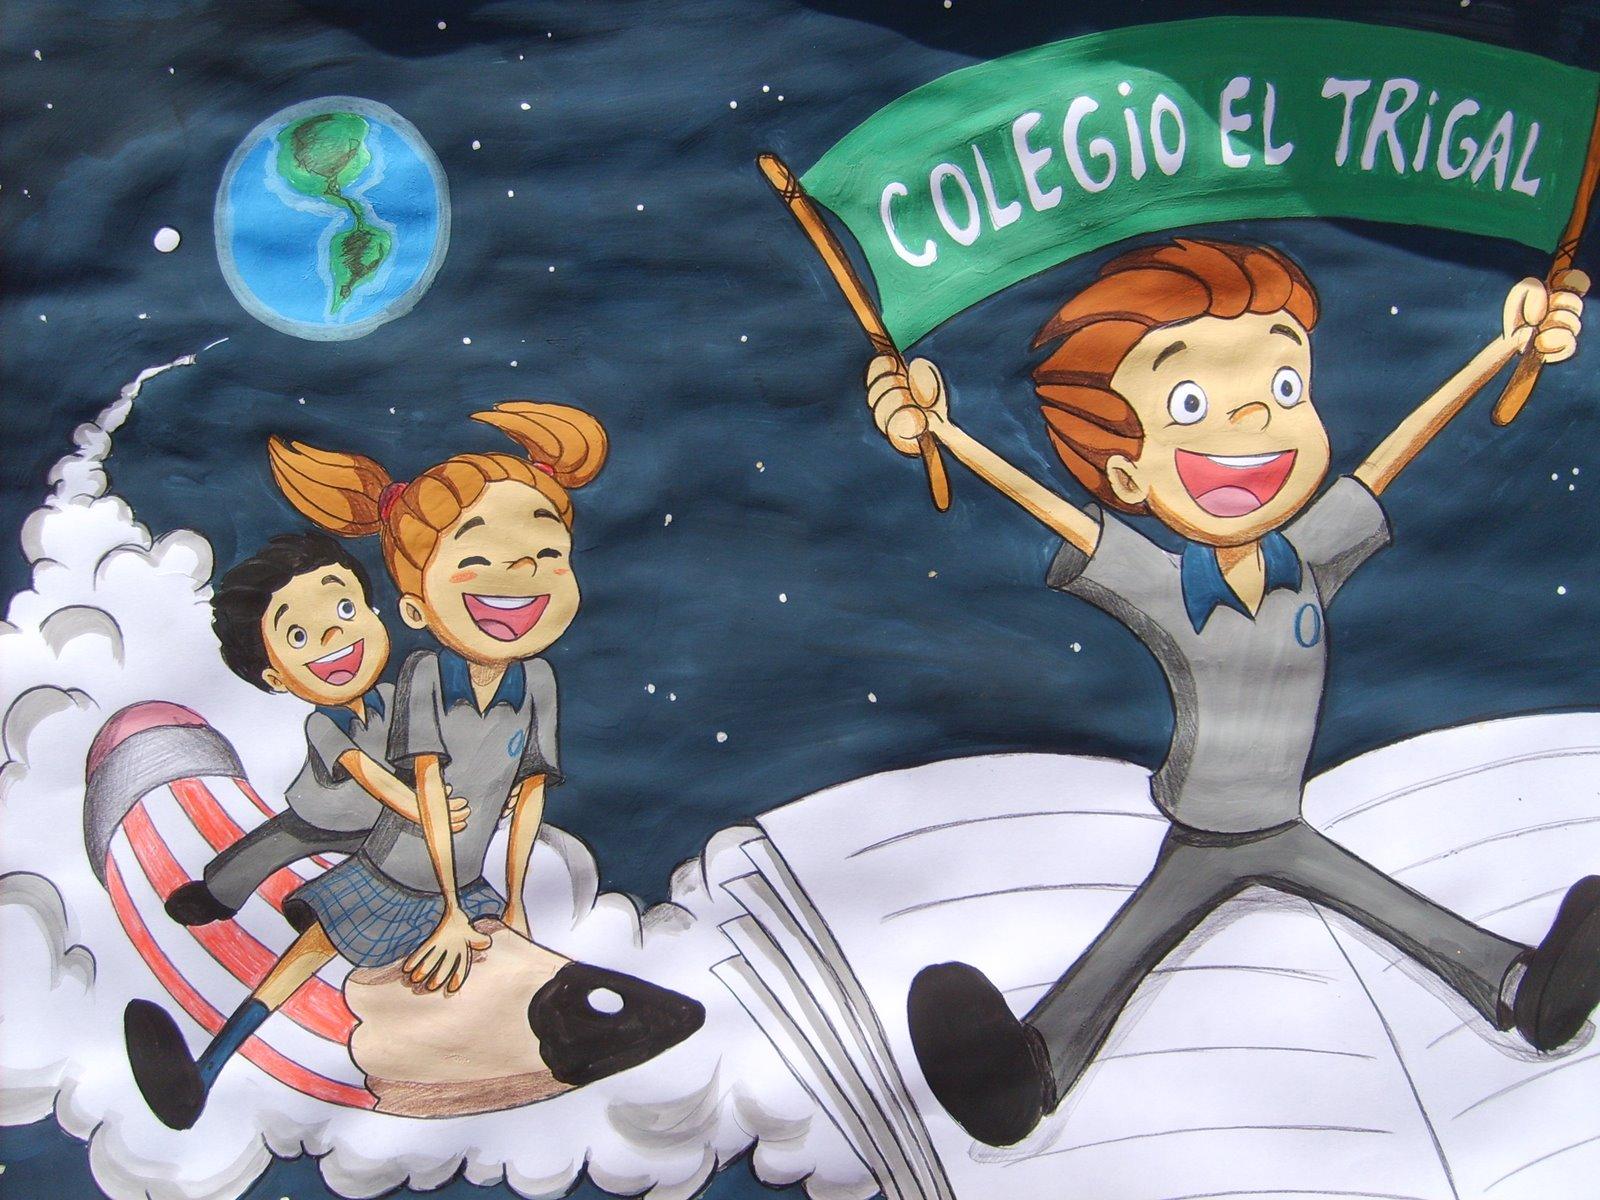 Colegio El Trigal